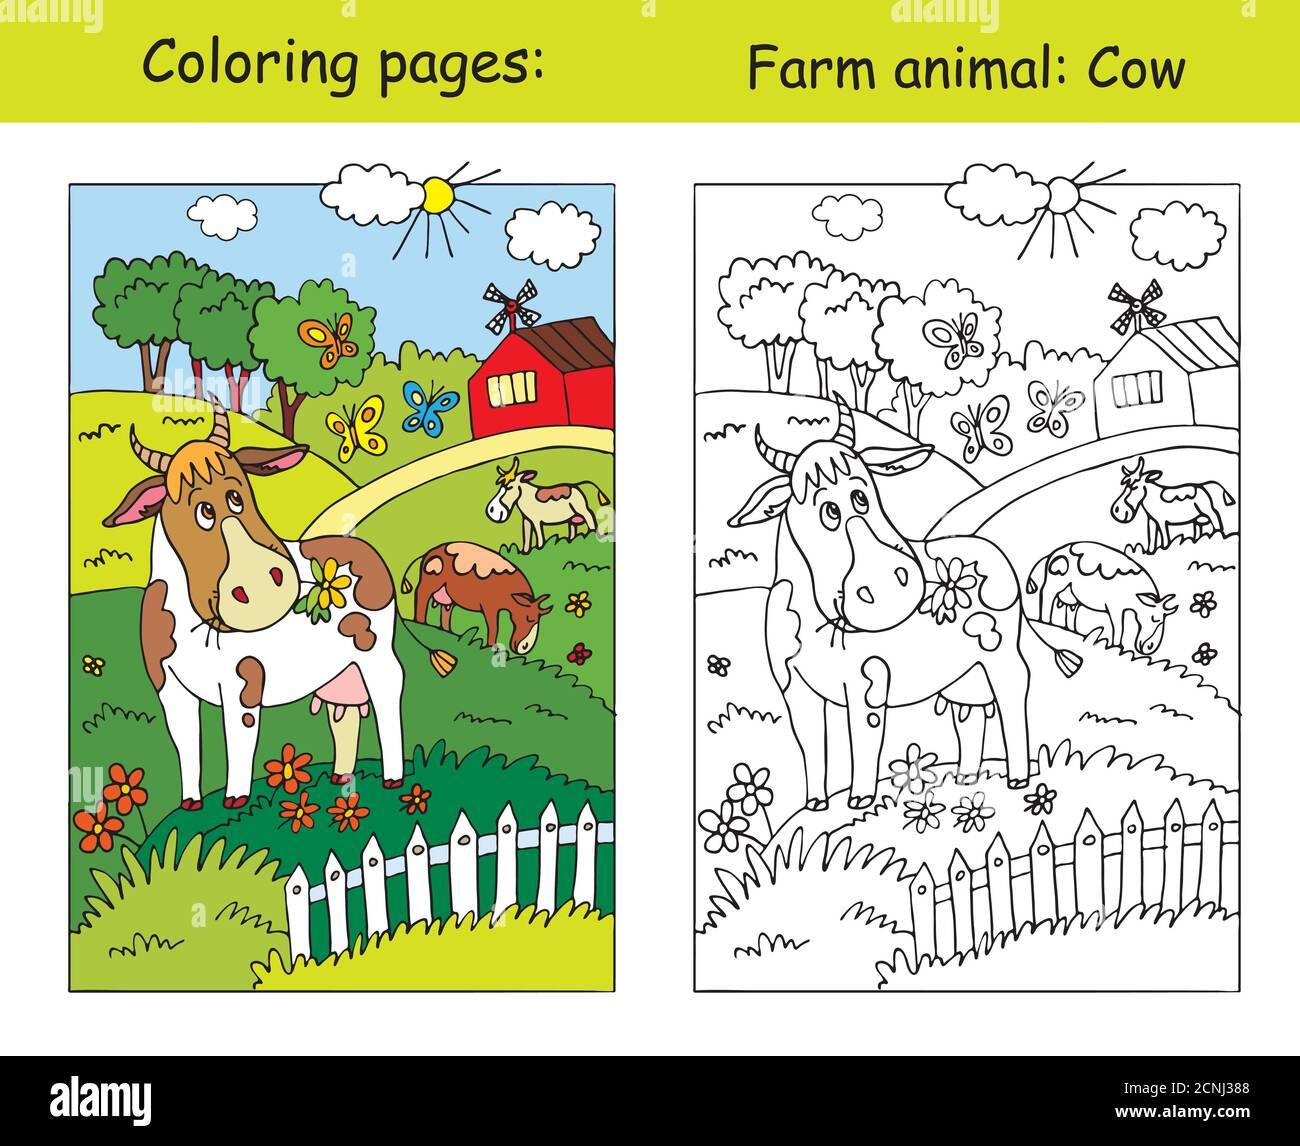 Malvorlagen mit niedlichen Kuh Gracing auf der Farm Wiese. Cartoon Vektorgrafik. Färbung und farbige Bild der Kuh. Stock Illustration für Design Stock Vektor